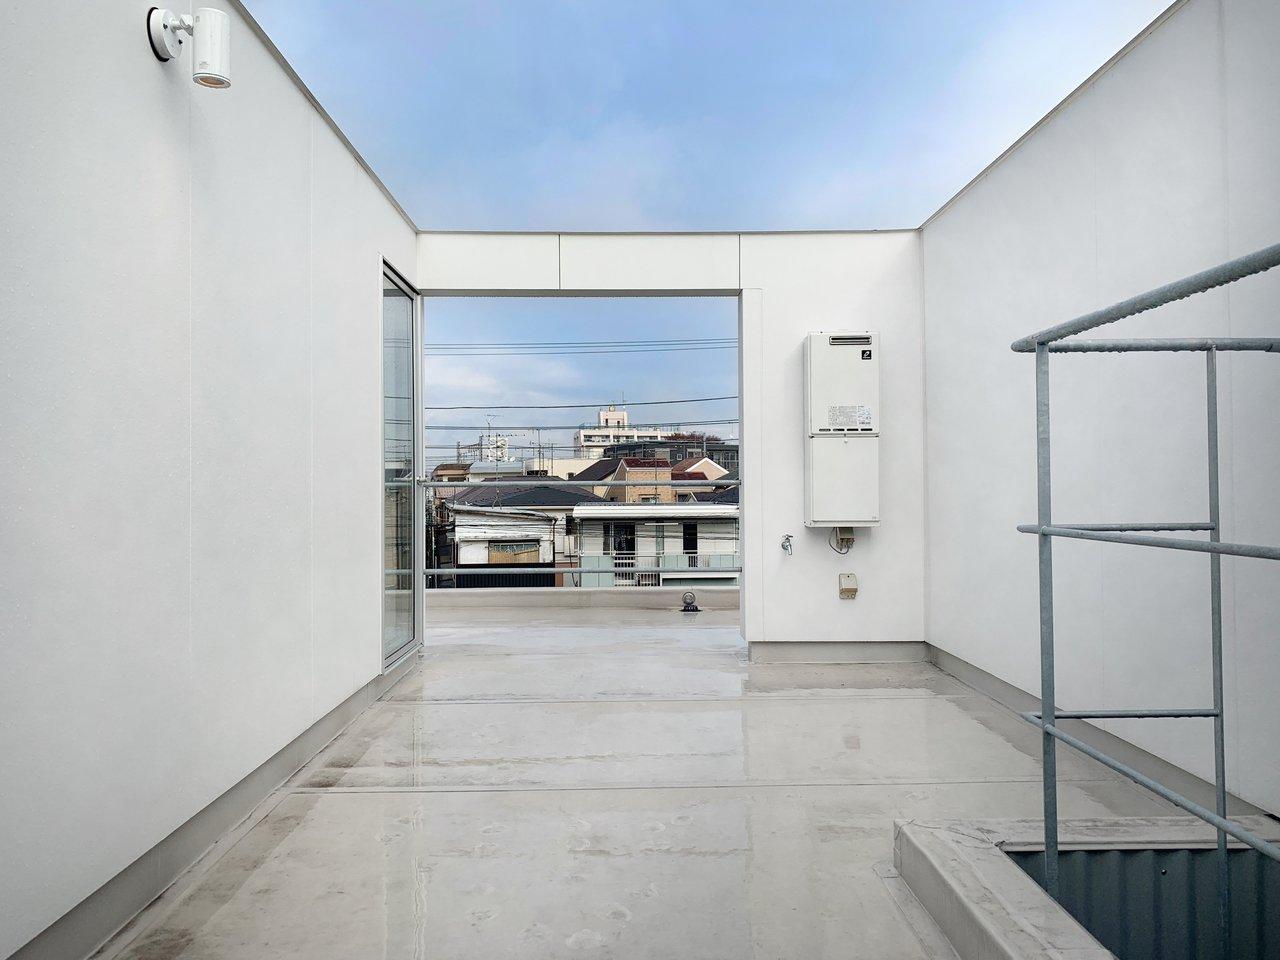 部屋を拡張するように。東京近郊・屋上付き賃貸暮らし、始めませんか